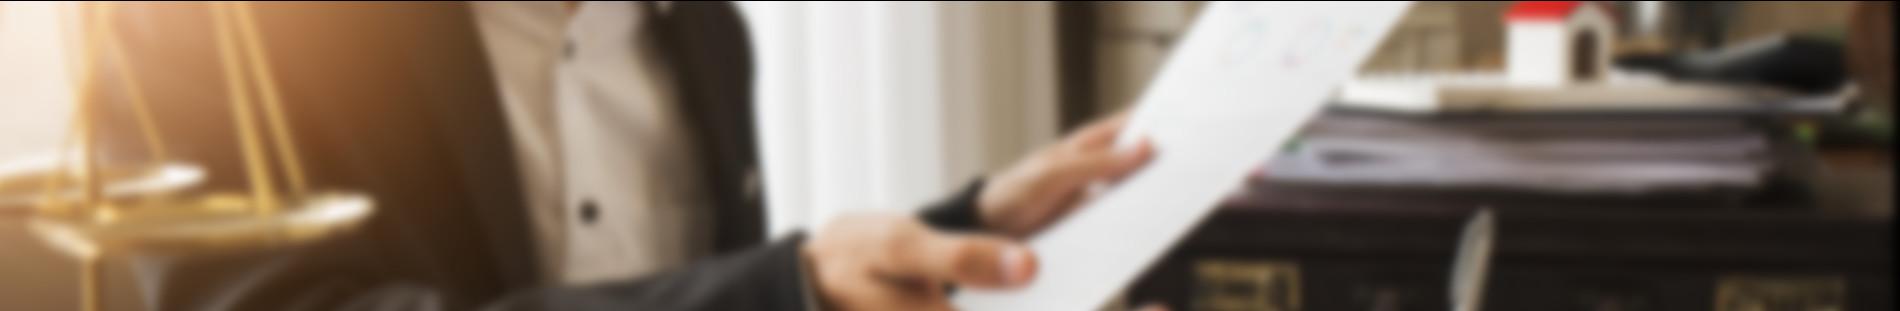 נוטריון בפתח תקווה – לאימות מסמכים